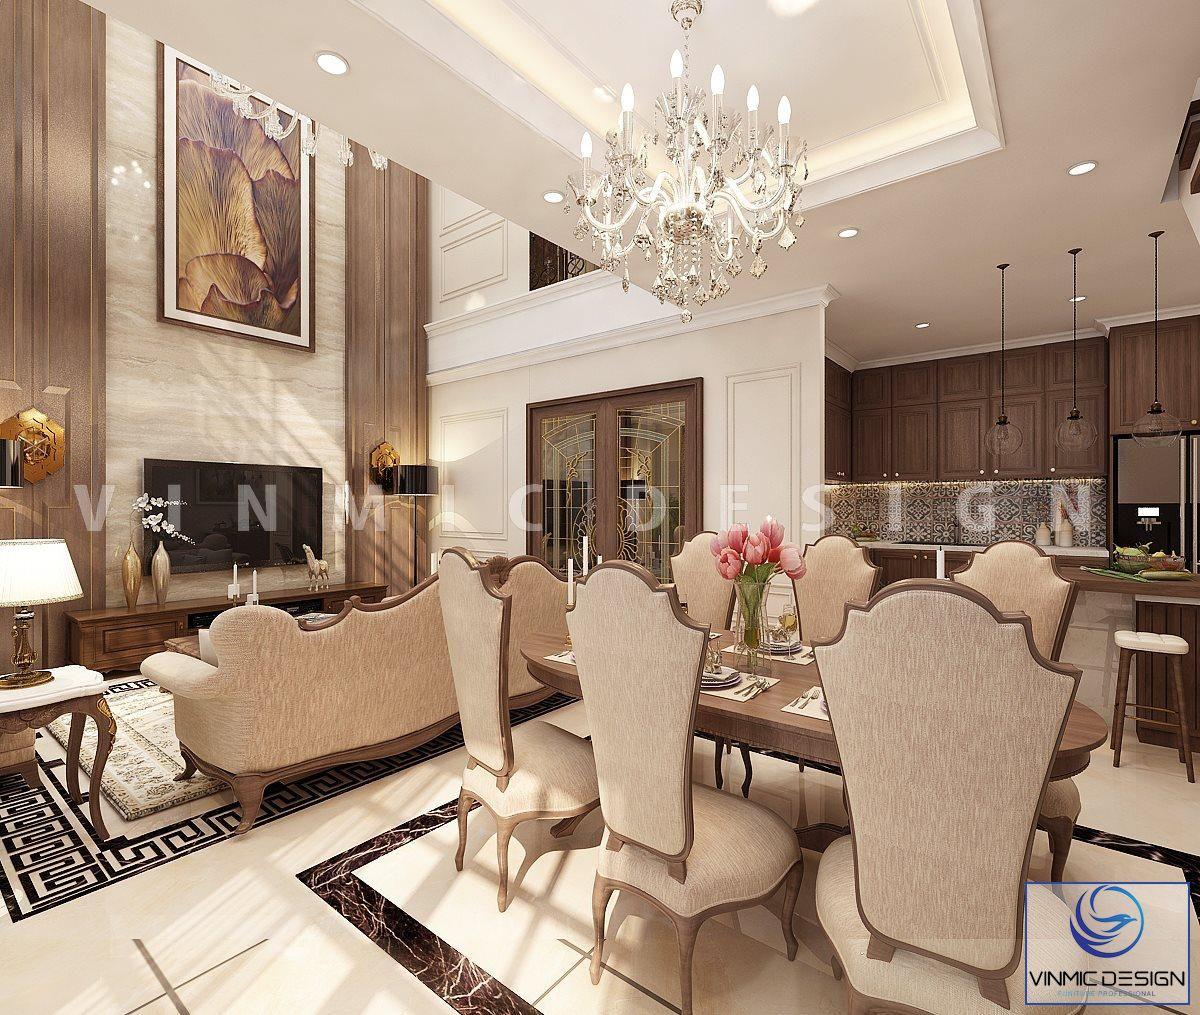 Thiết kế nội thất theo hướng liền mạch khách - bếp, đèn chùm đẹp tại biệt thự Vinhomes Imperia Hải Phòng